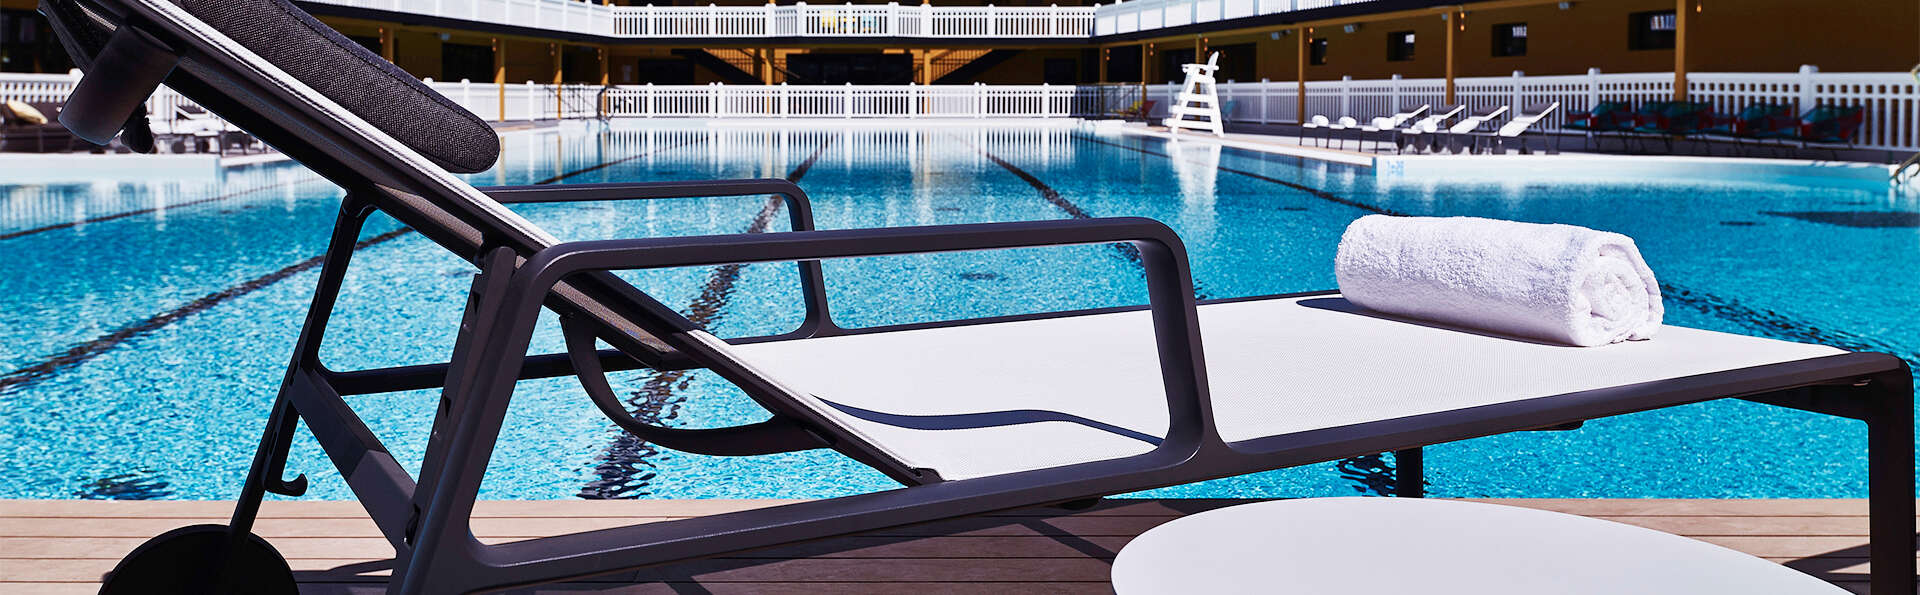 Venez passer un séjour détente au célèbre Hôtel Molitor à Paris